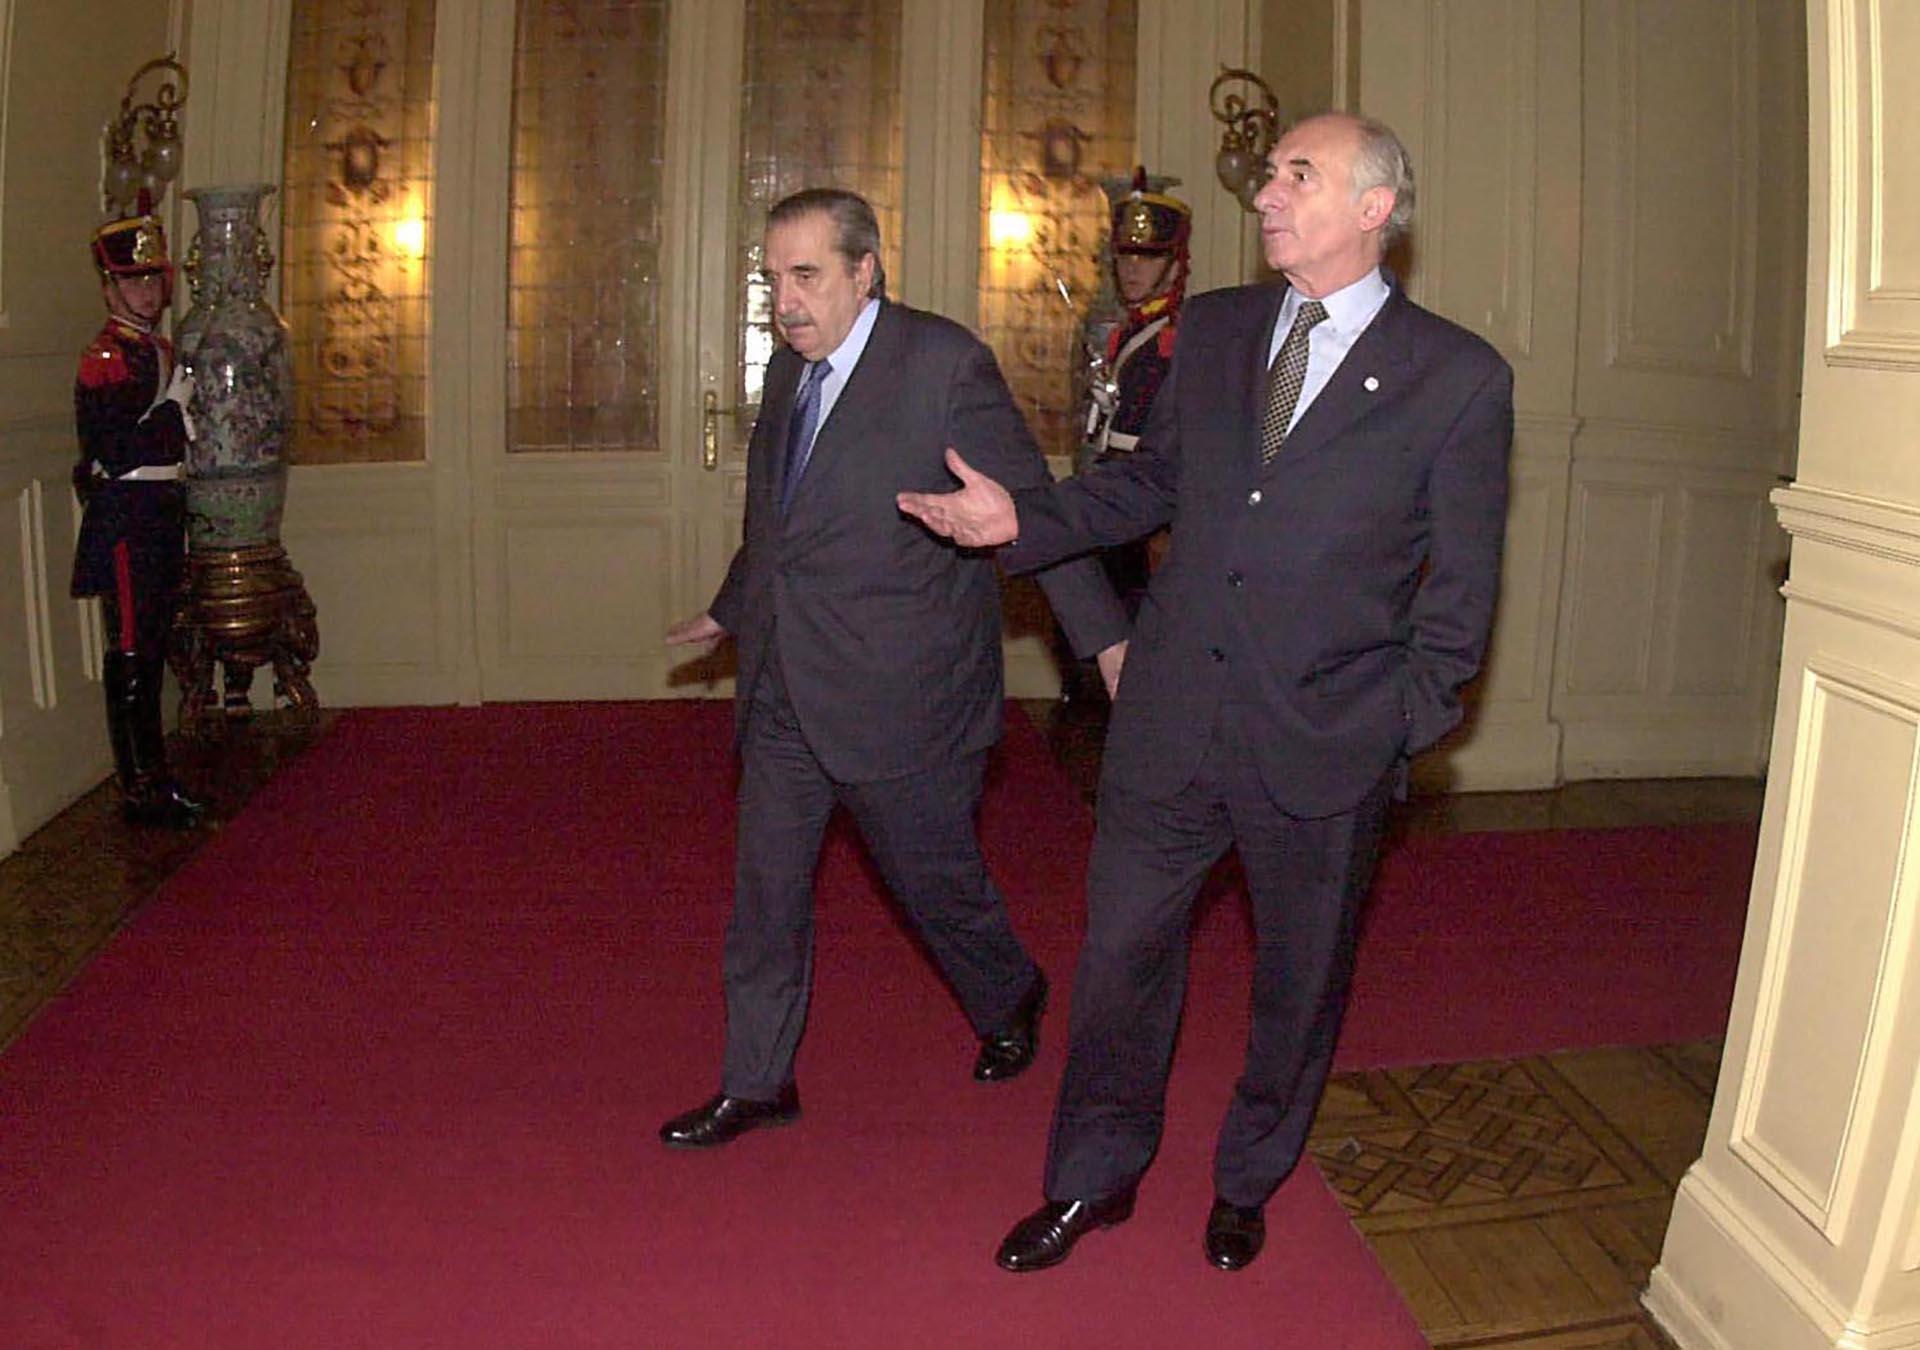 En Casa Rosada, junto con ex presidente Raúl Alfonsín. Son los últimos dos mandatarios radicales que gobernaron el país en tiempos de democracia